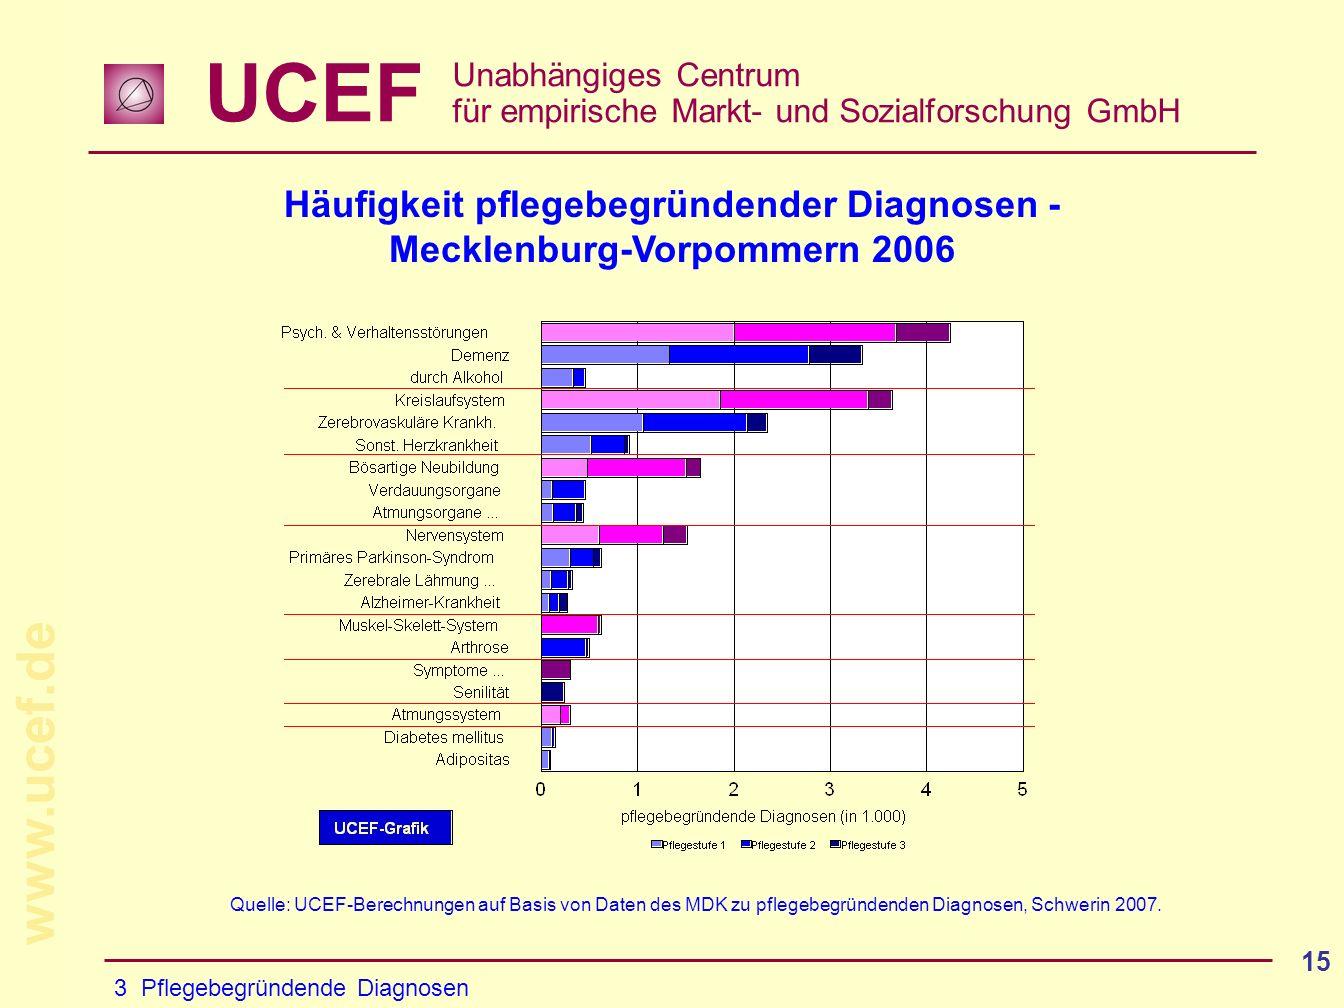 UCEF Unabhängiges Centrum für empirische Markt- und Sozialforschung GmbH www.ucef.de 15 Häufigkeit pflegebegründender Diagnosen - Mecklenburg-Vorpommern 2006 3 Pflegebegründende Diagnosen Quelle: UCEF-Berechnungen auf Basis von Daten des MDK zu pflegebegründenden Diagnosen, Schwerin 2007.